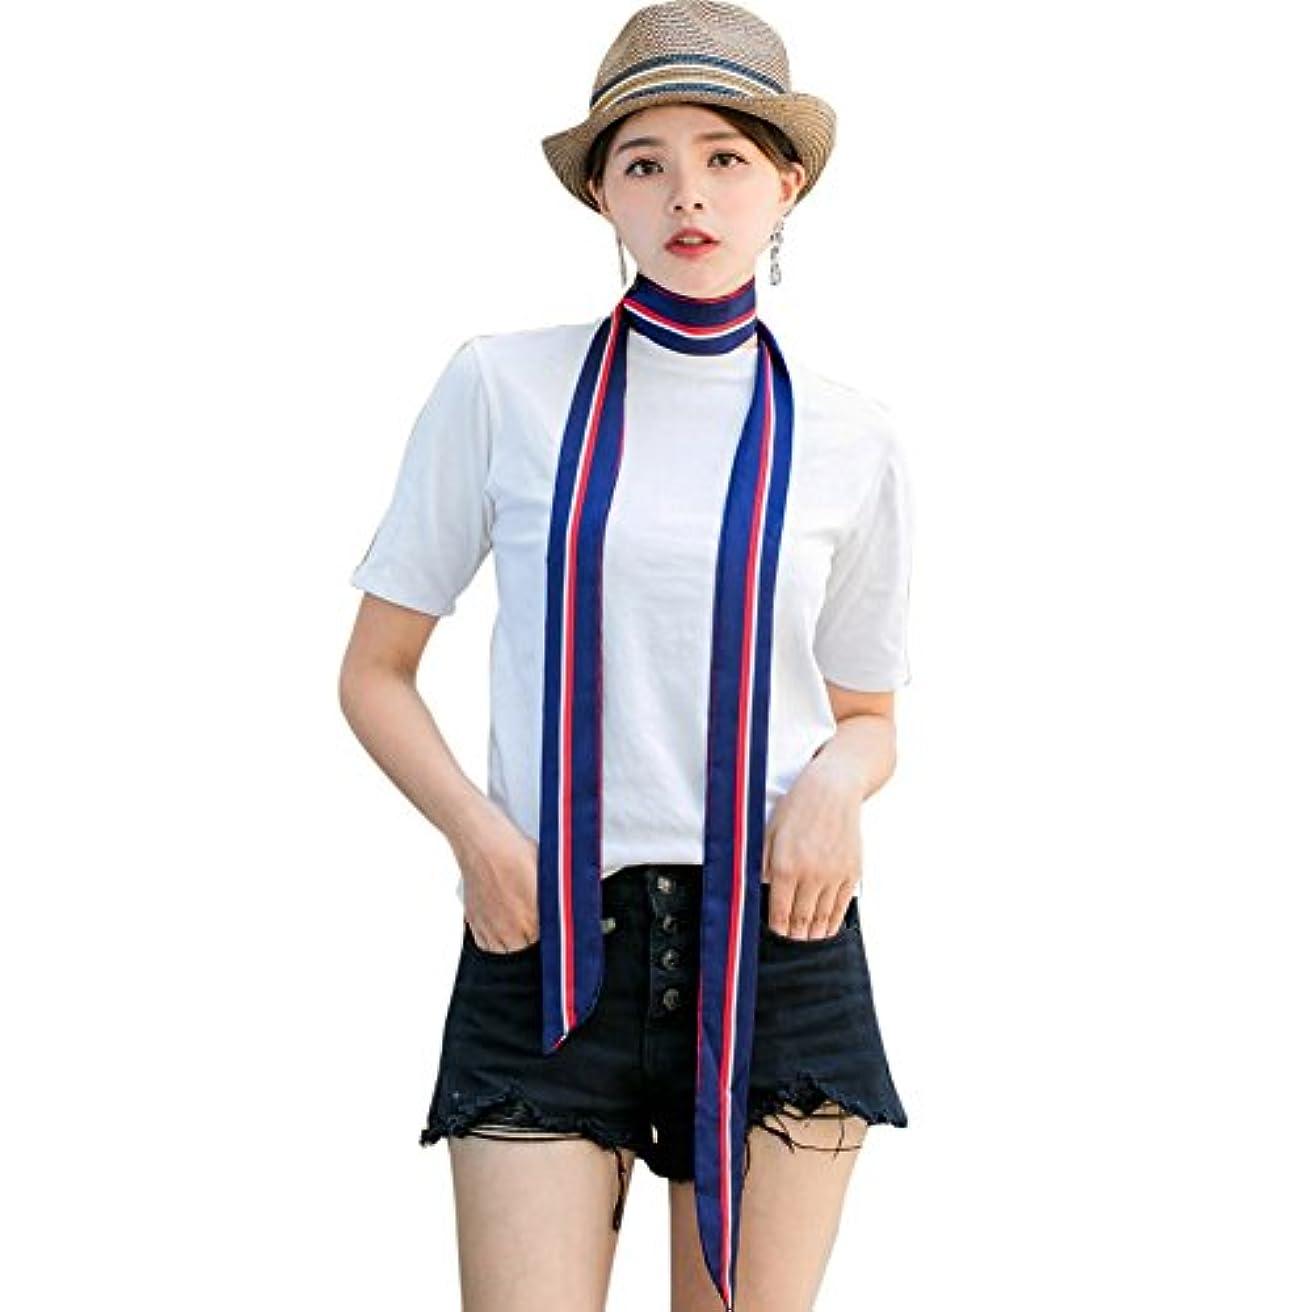 相談する同じ去るPakaze Rew小さいスカーフの女性 の細い長条 スカーフ 夏 マフラー ベルト リボン バッグはリ ボンを飾ります 旅行 通勤用 スカーフ ギフト春秋 マフラー おしゃれ レディース